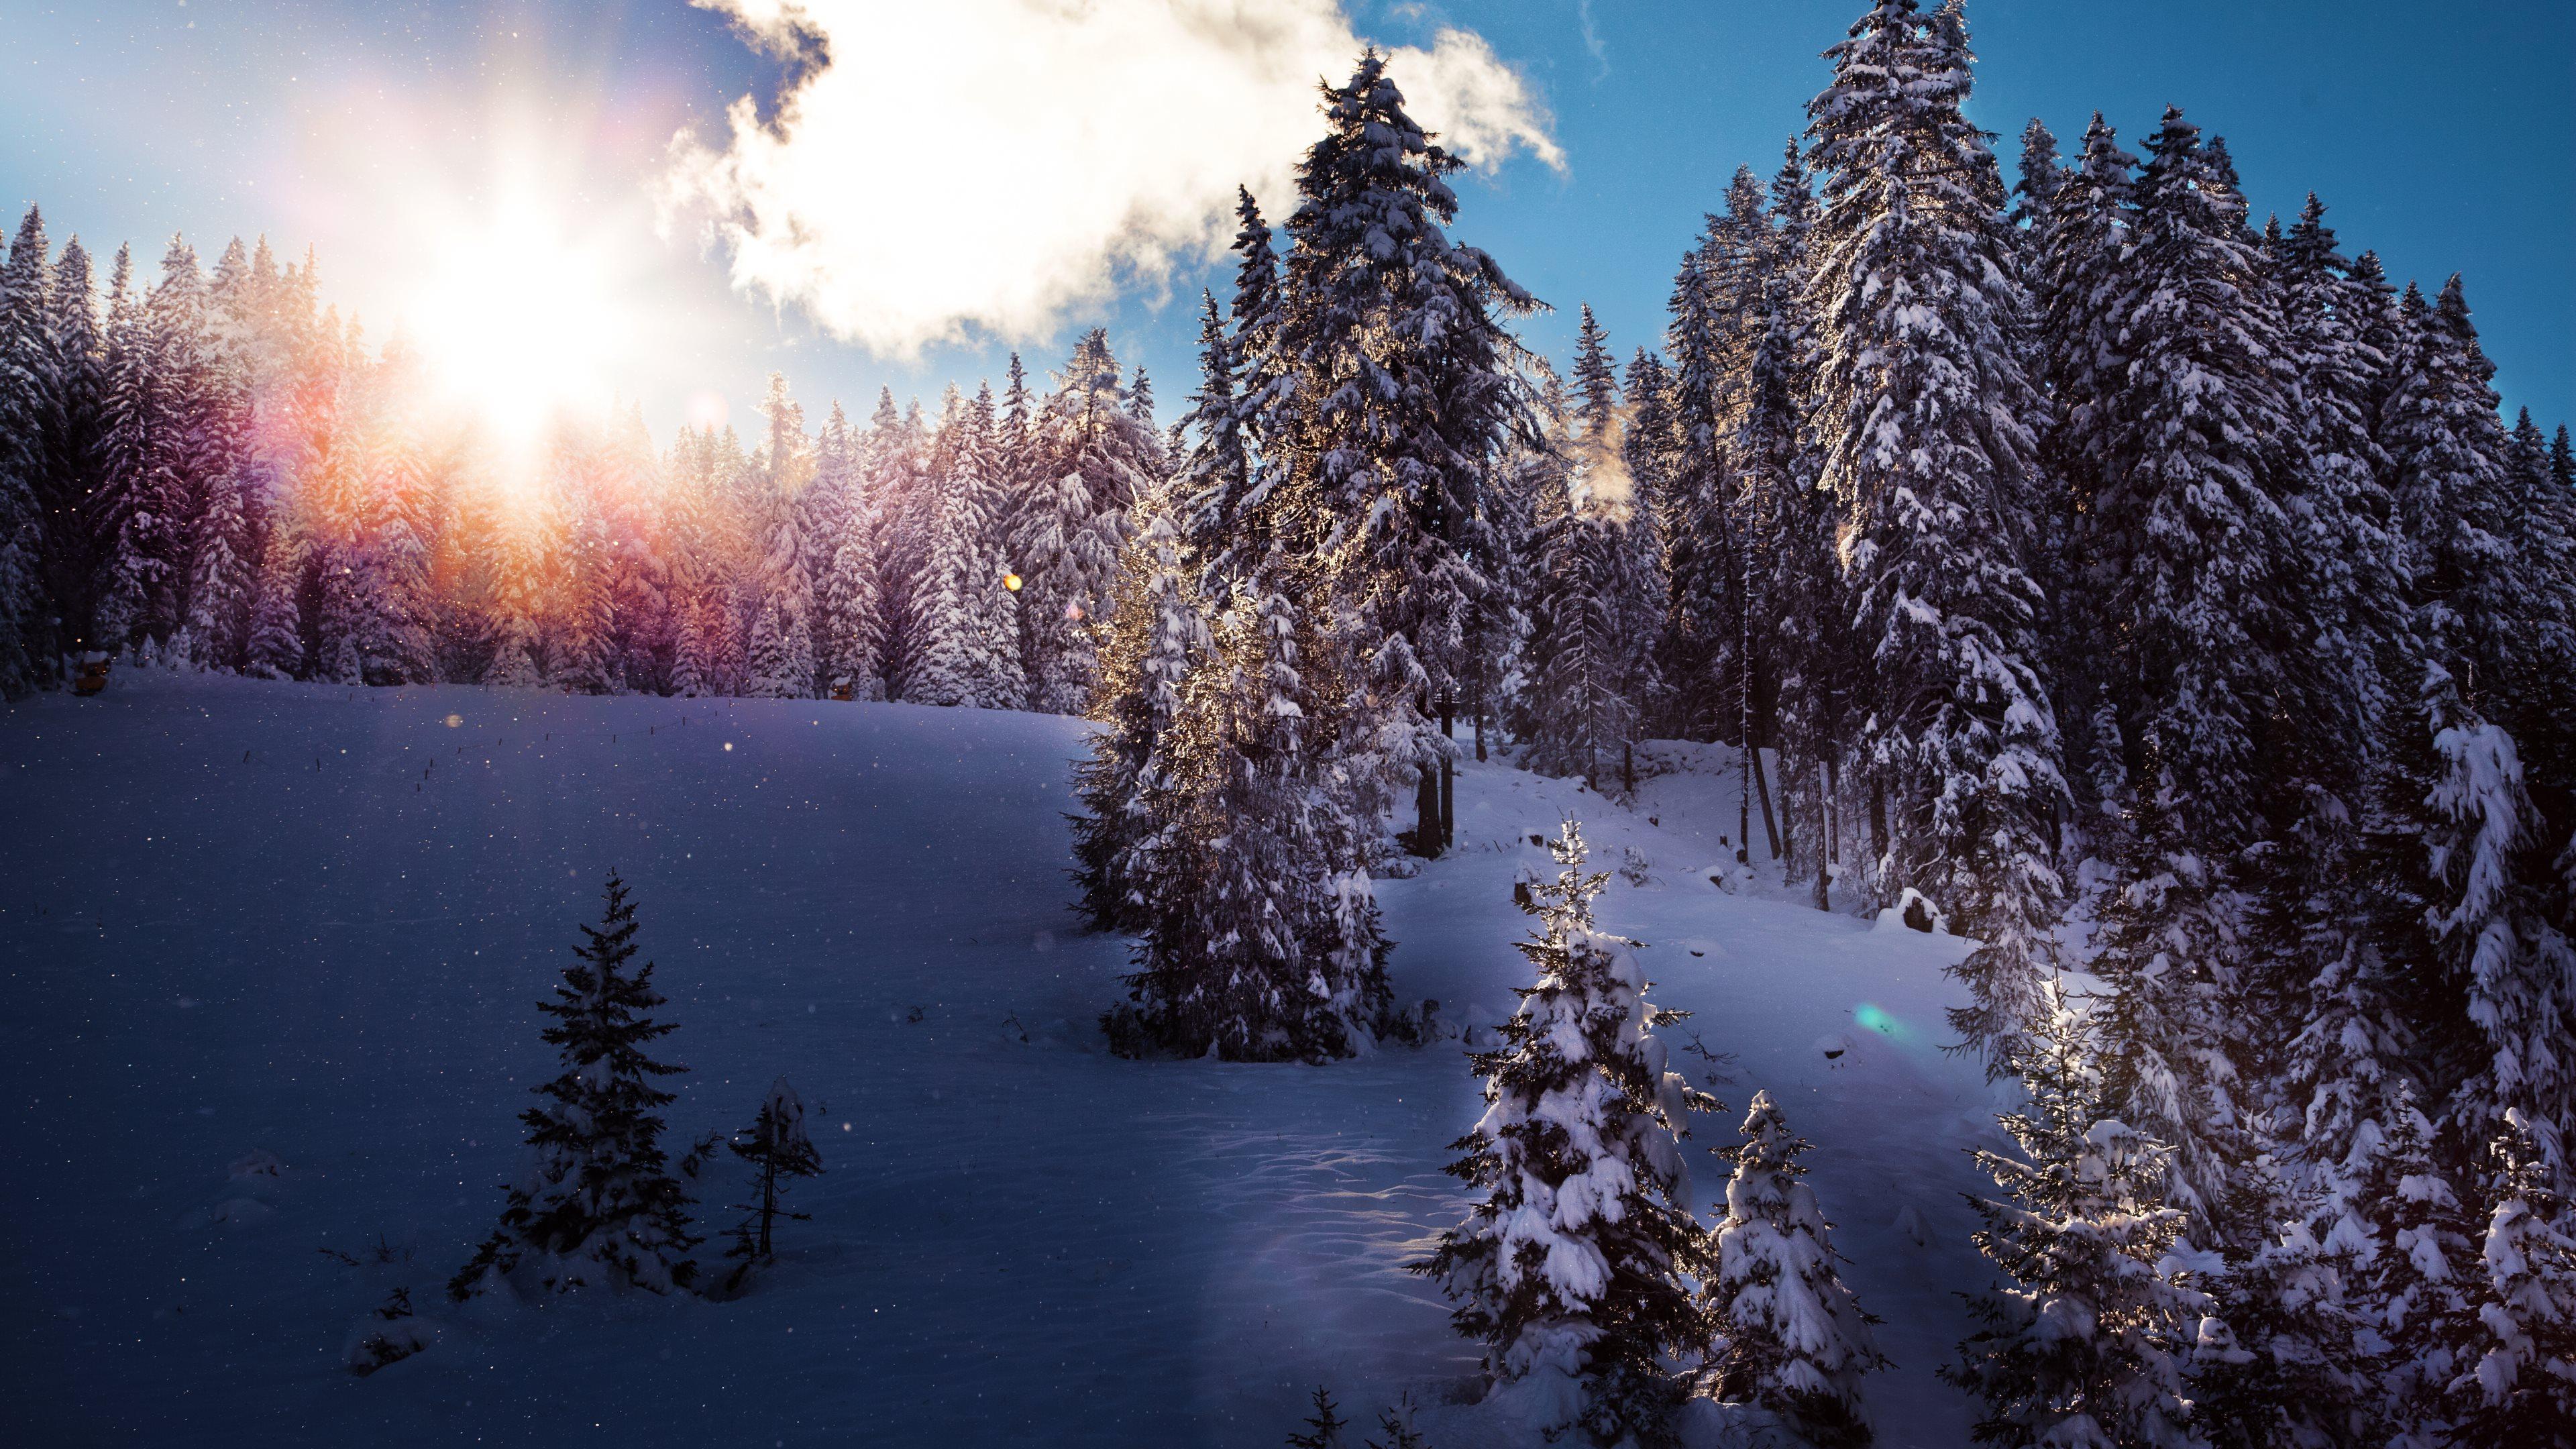 Winter 4k ultra hd wallpaper background image - Desktop wallpaper 4k ultra hd ...